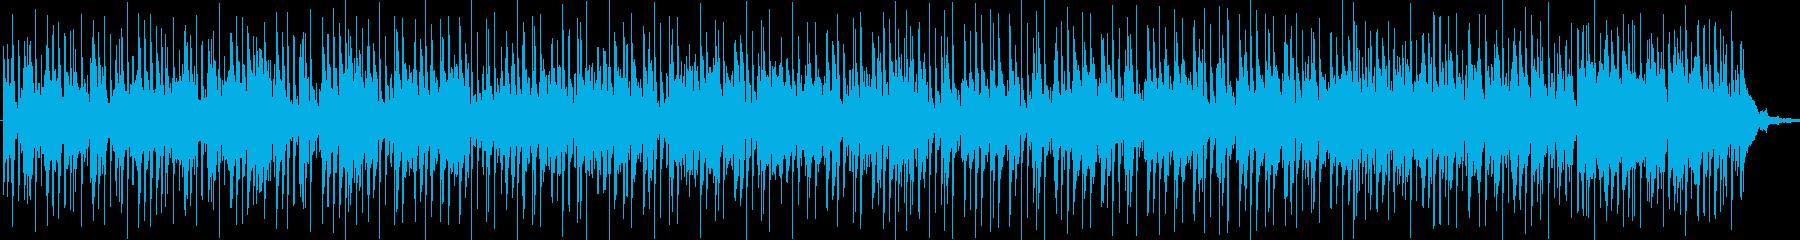 テレビのバックグラウンドミュージッ...の再生済みの波形